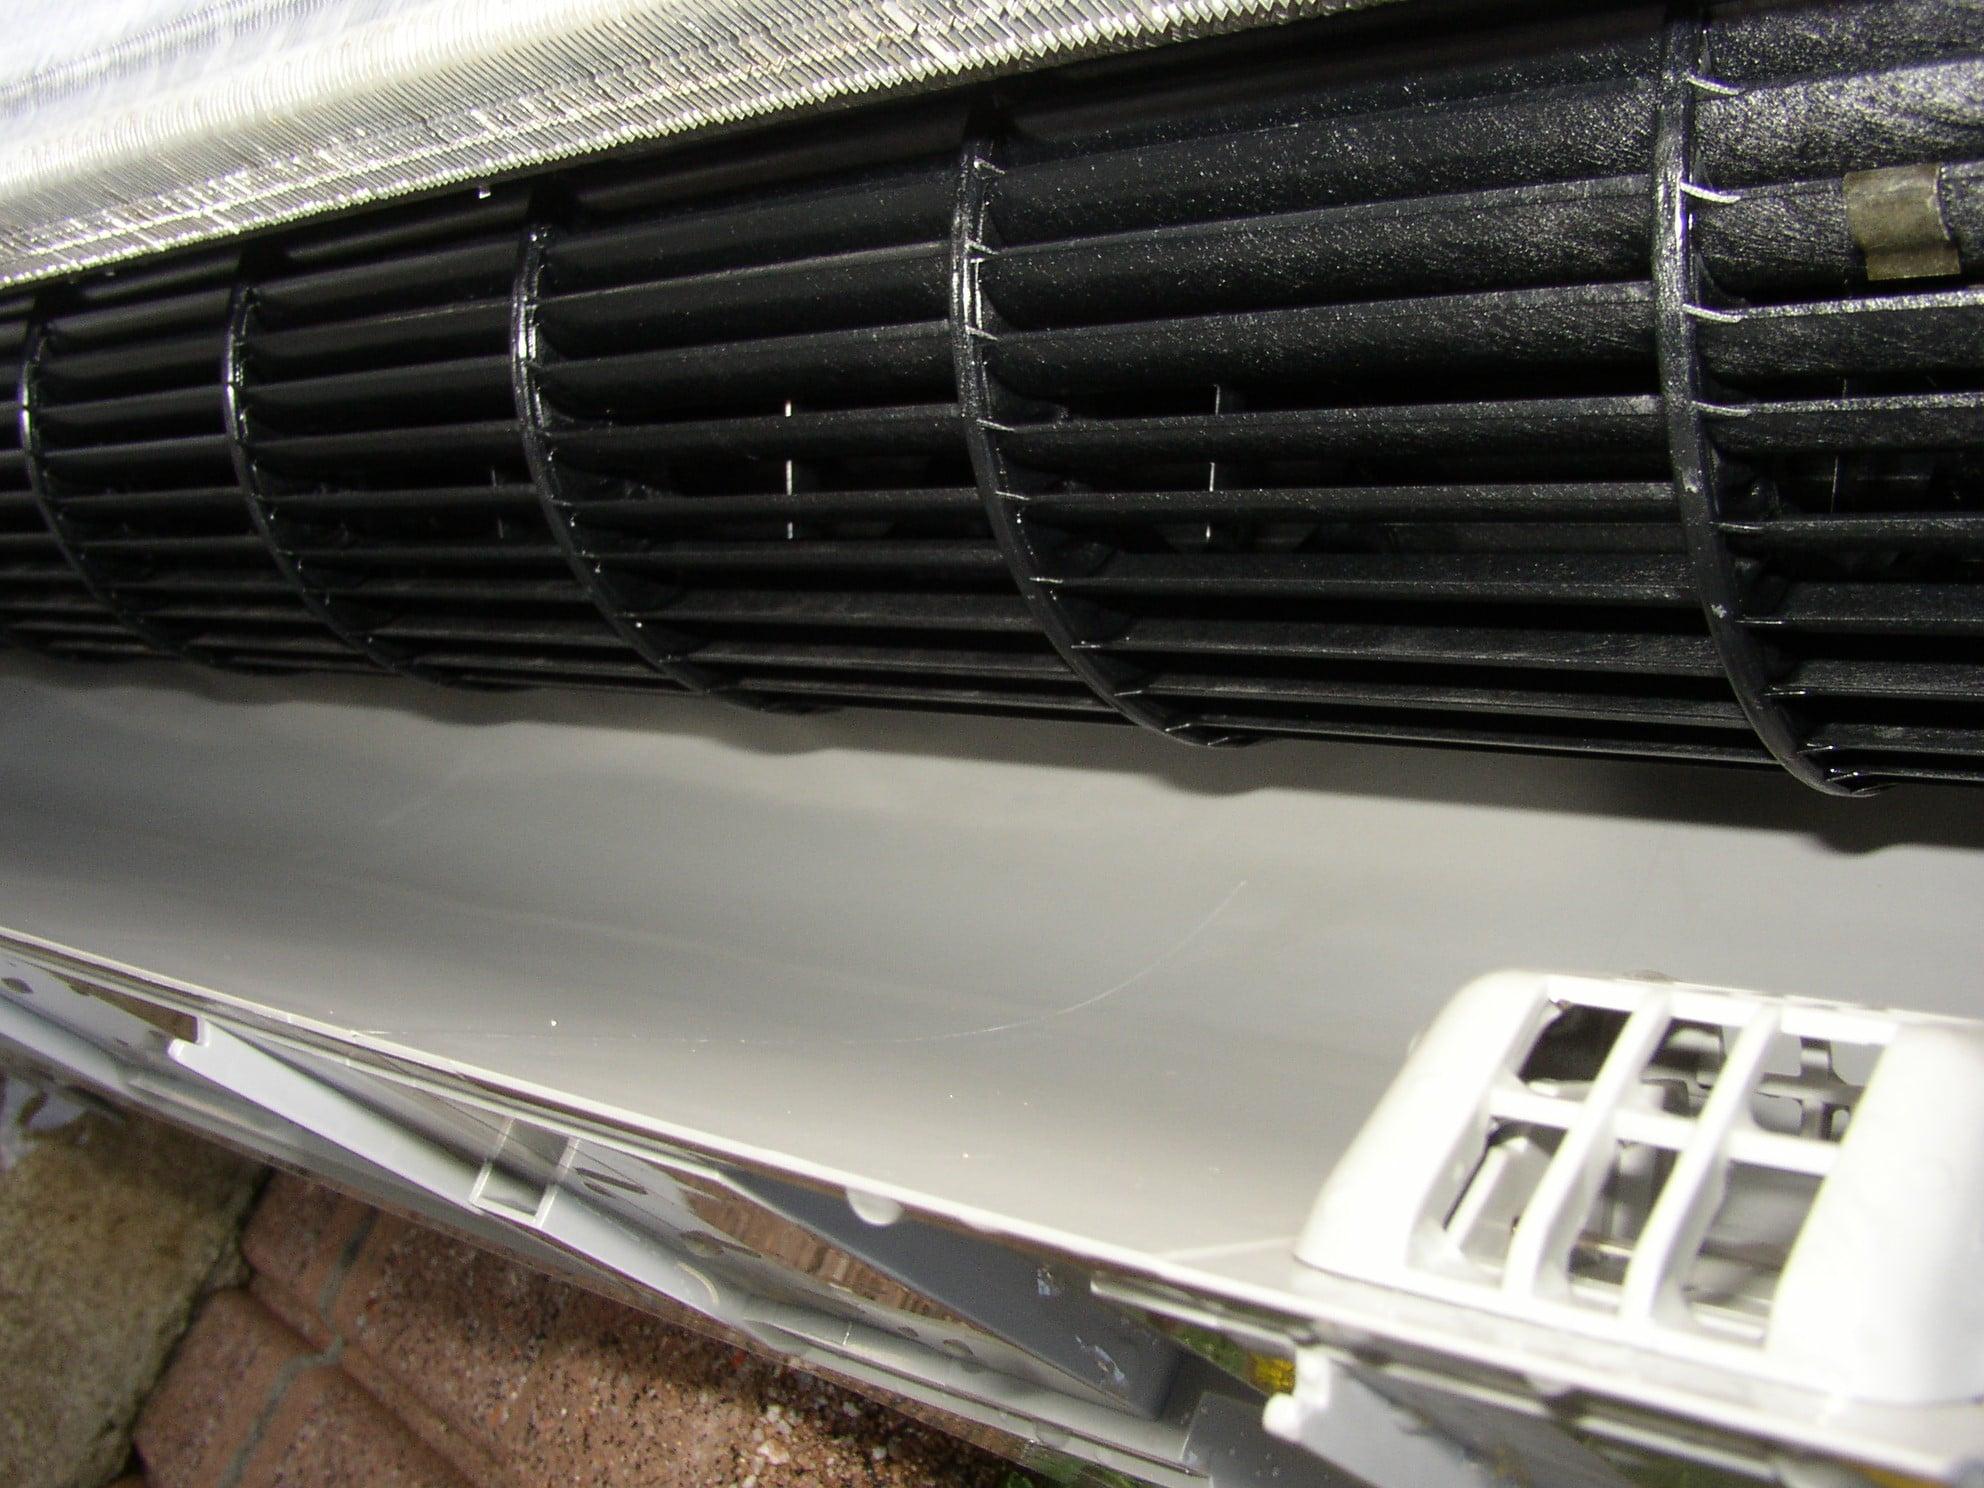 【エアコンクリーニング】家庭用壁掛け型お掃除ロボットエアコン クリーニング 『東京都八王子市周辺地域限定』のイメージその2